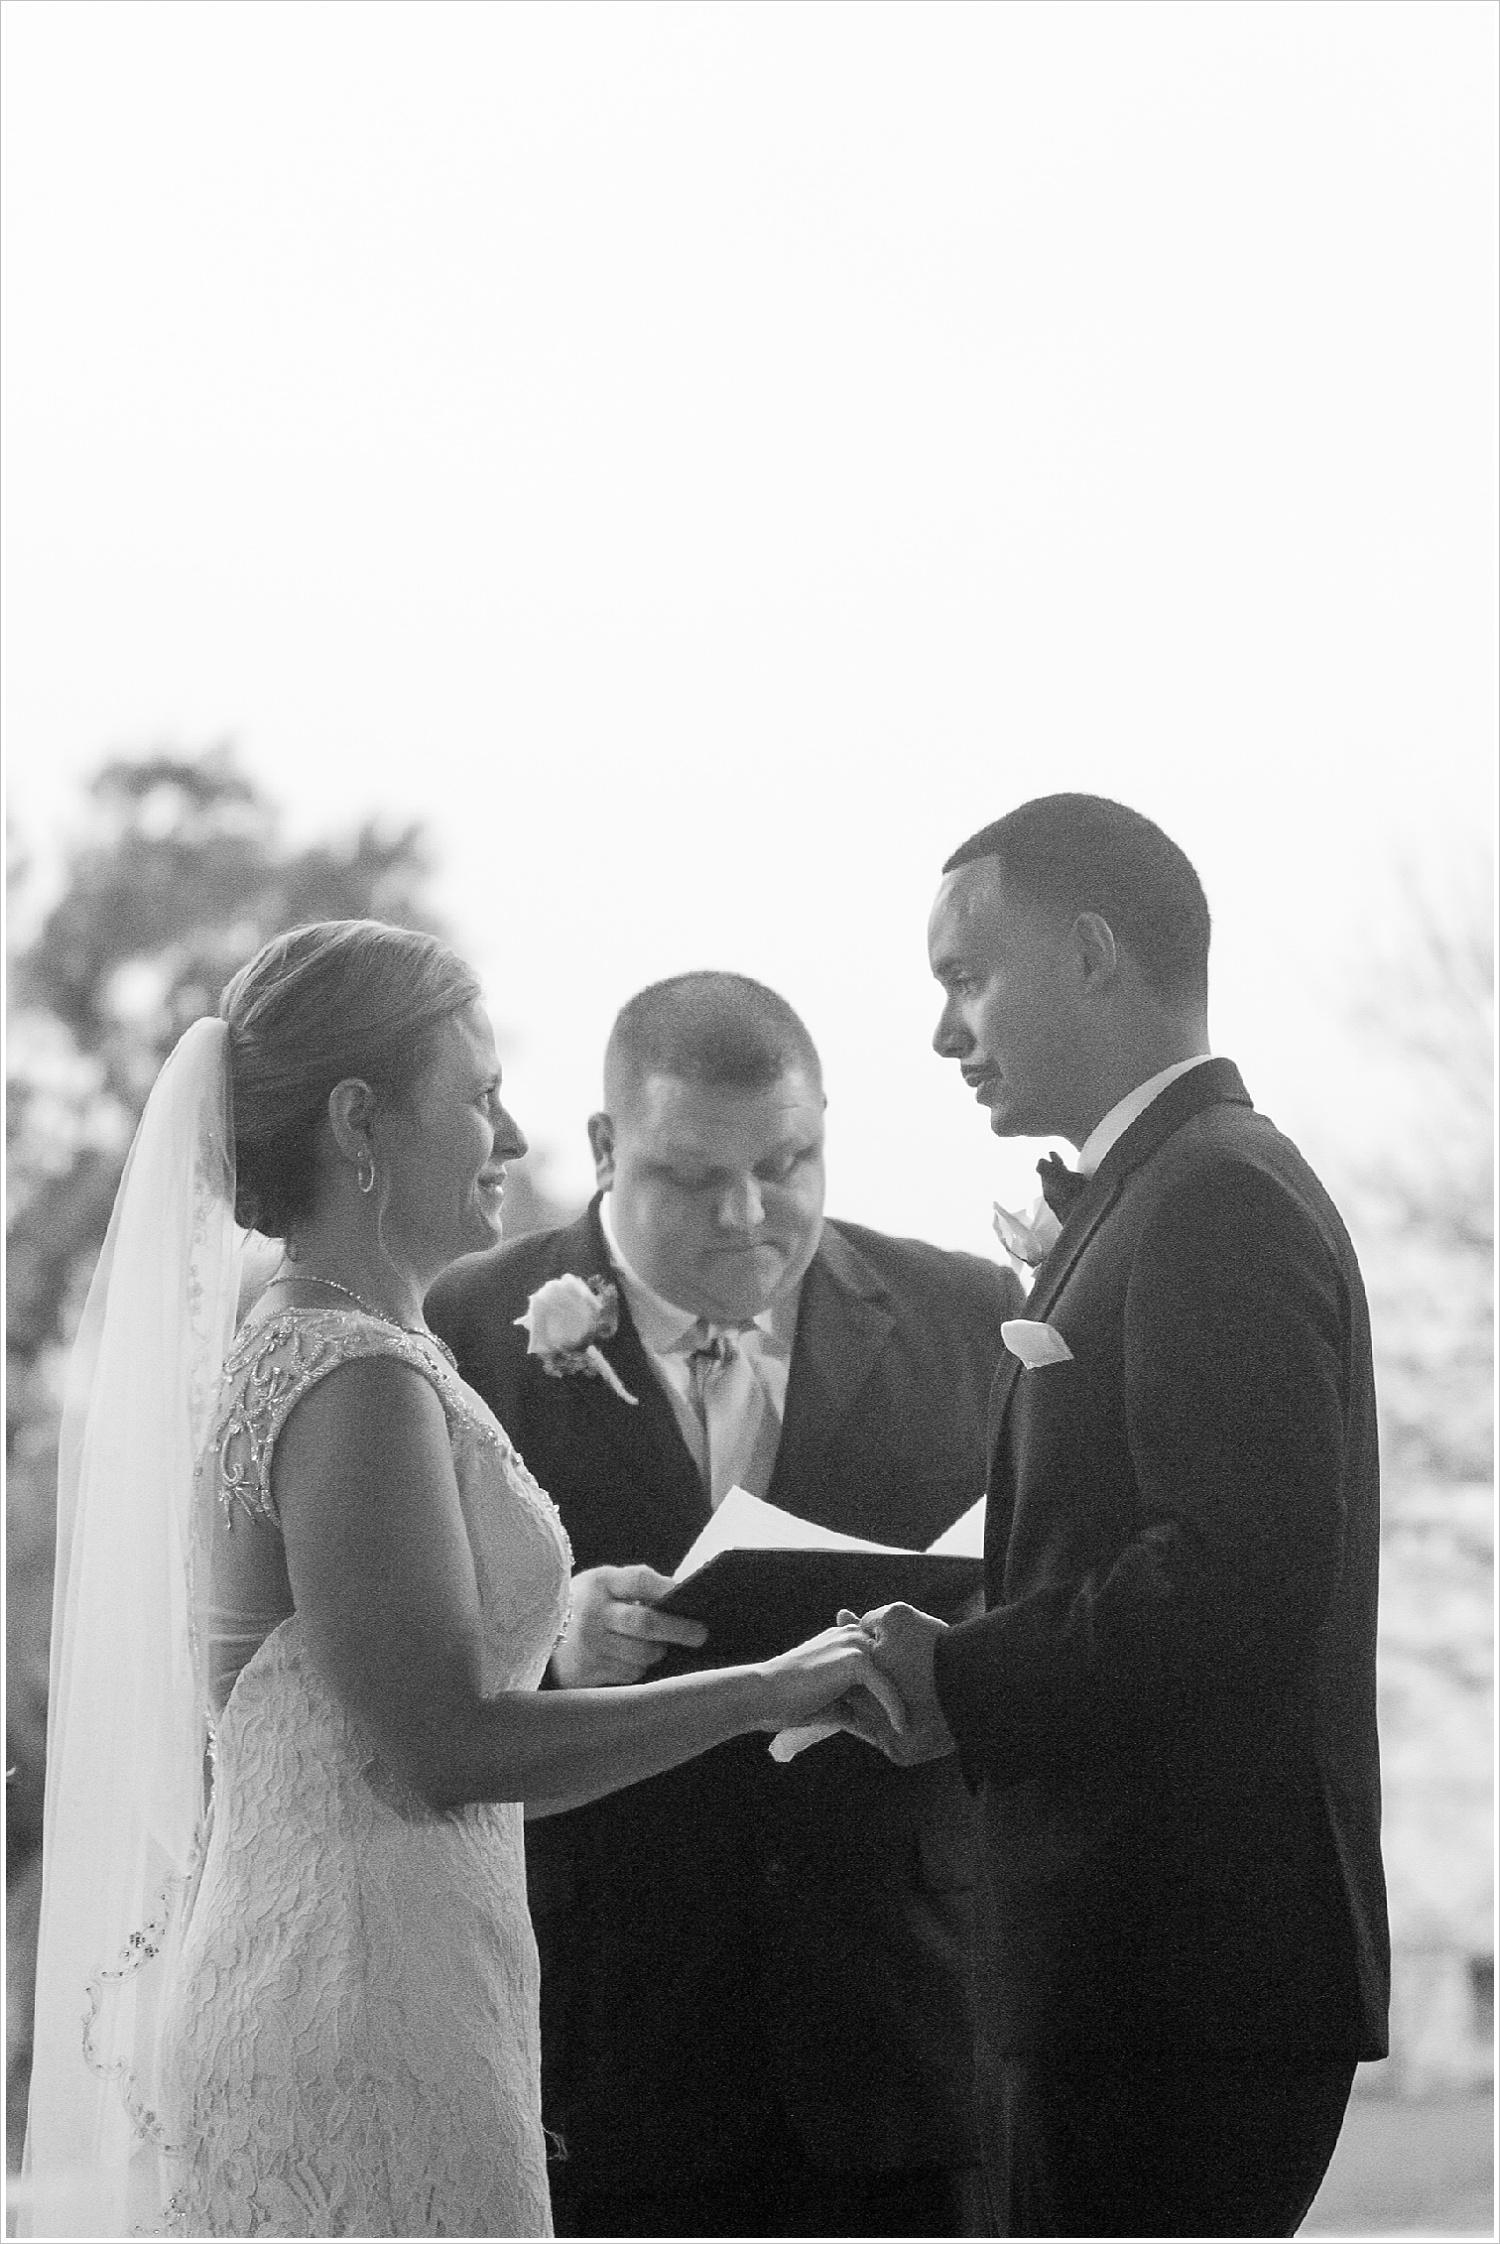 Bride and groom exchange vows at rainy wedding ceremony at La Rio Mansion